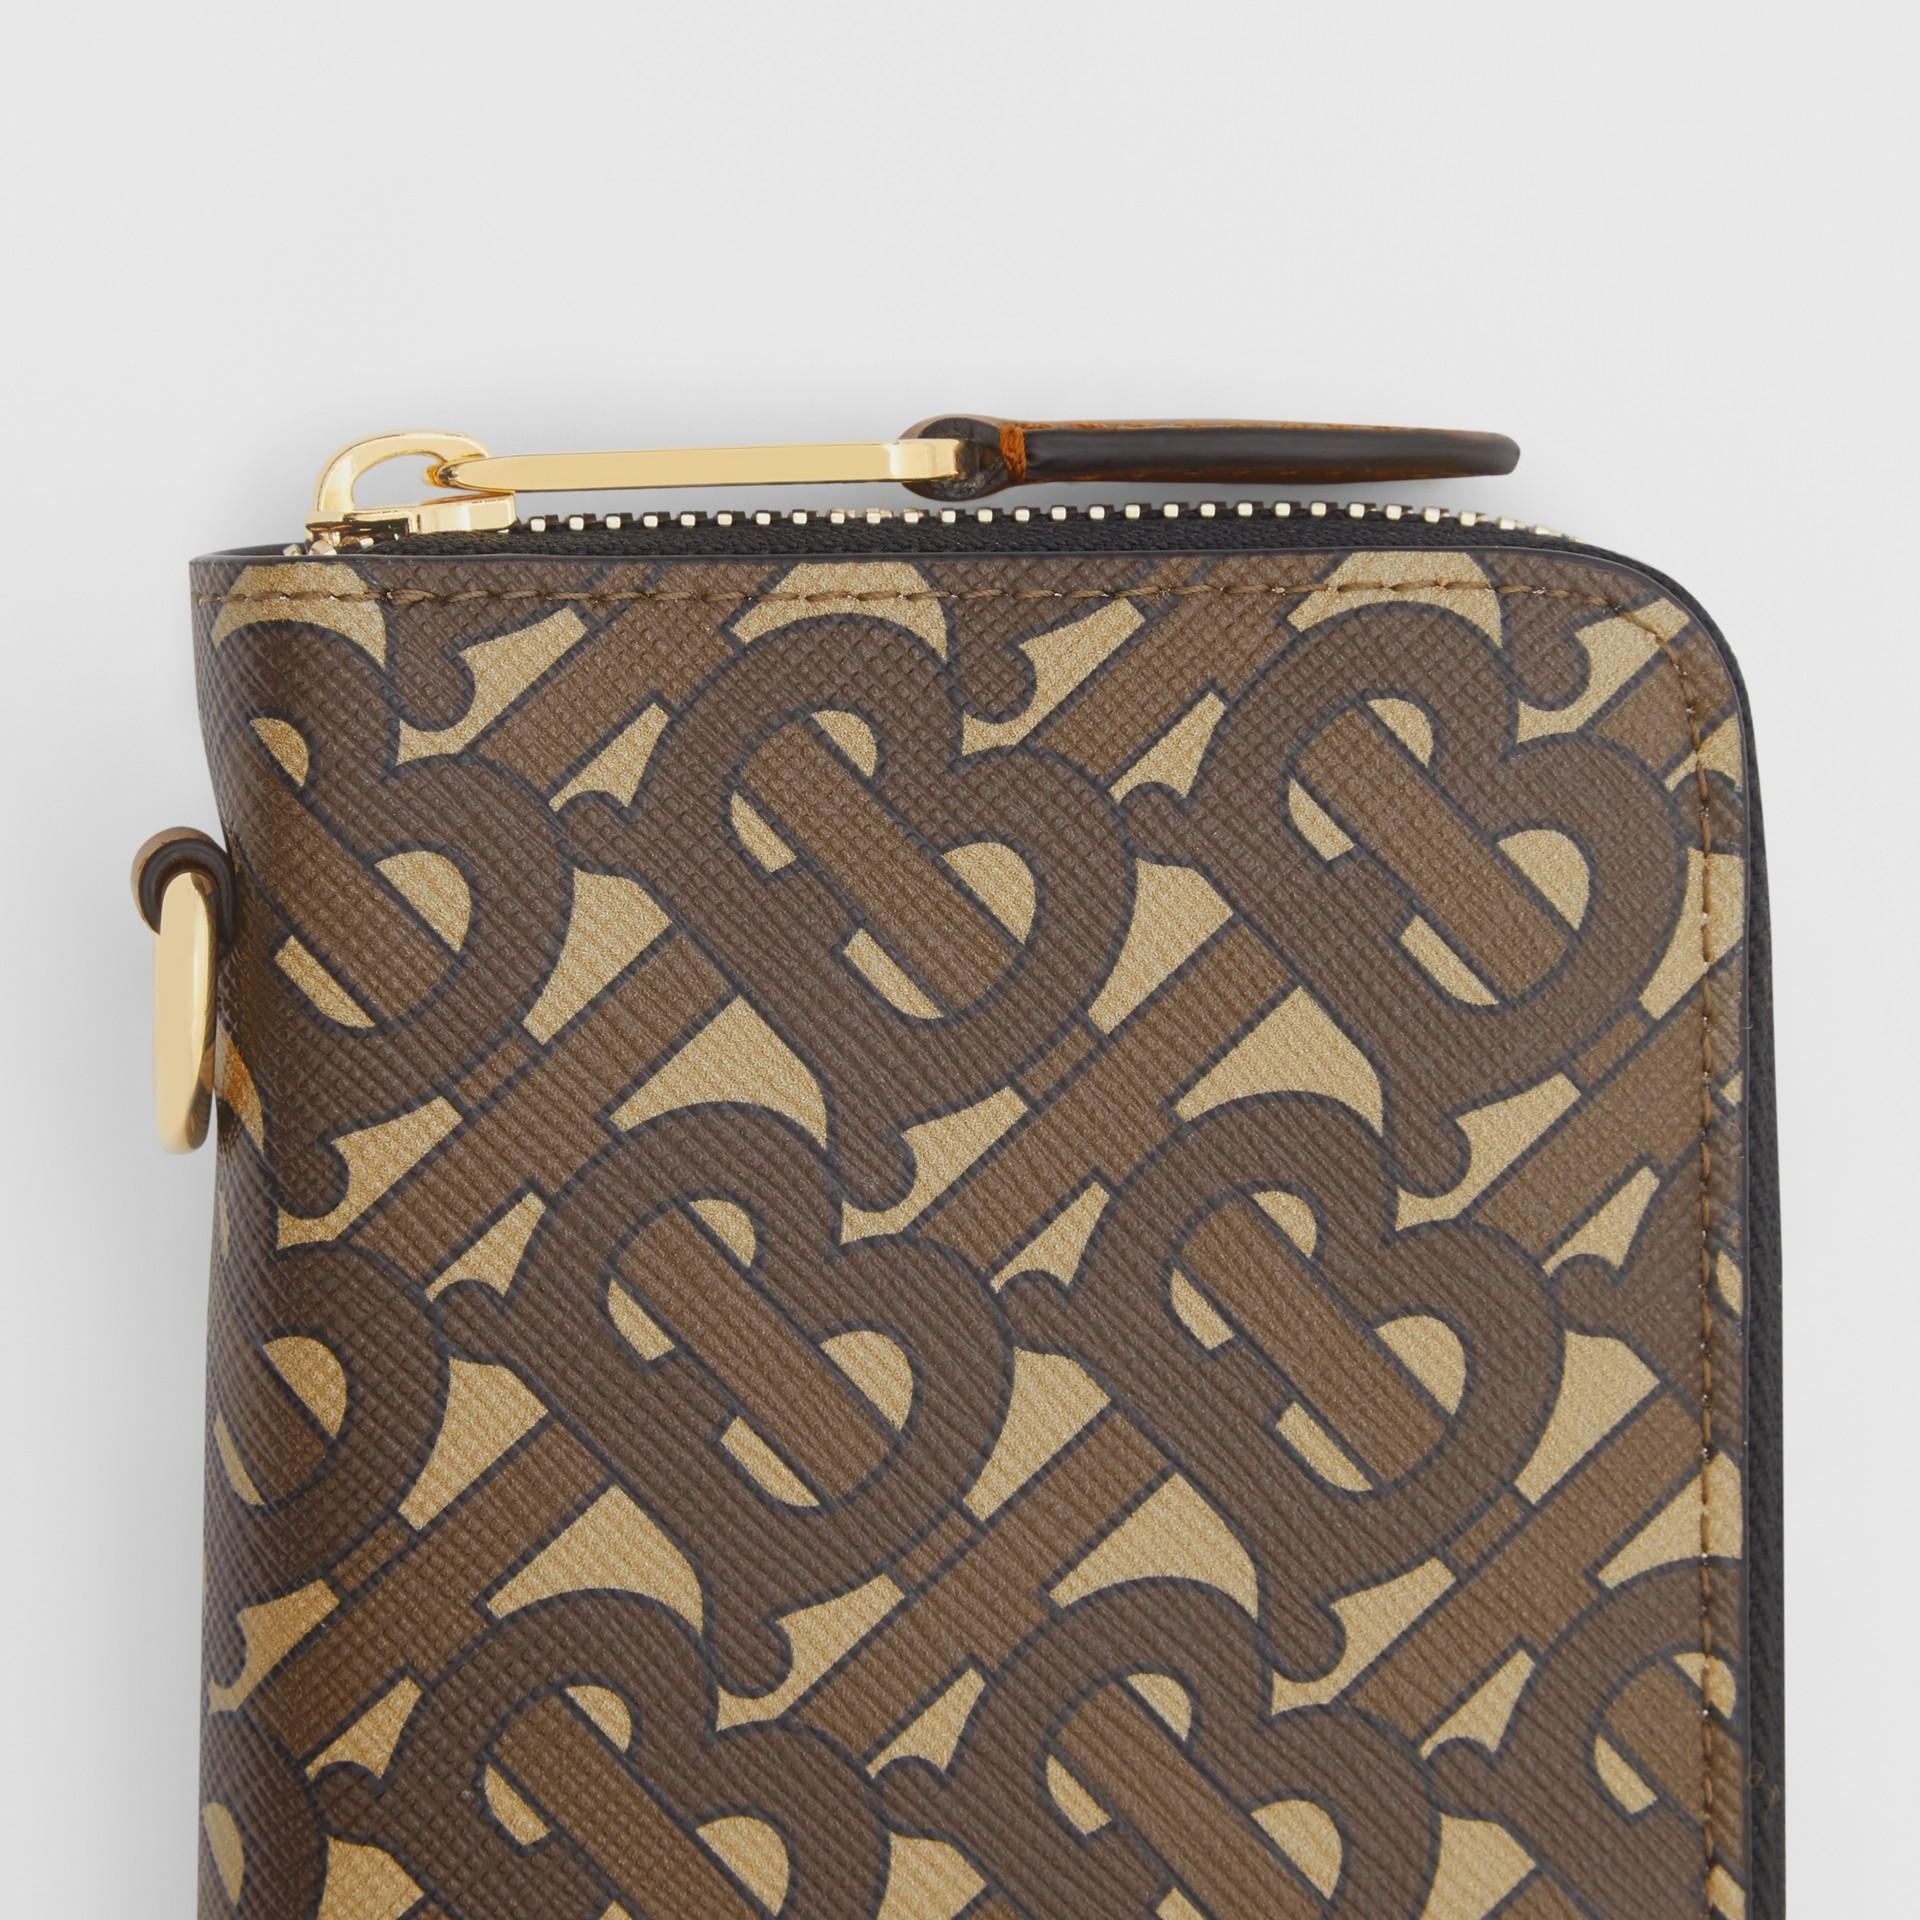 모노그램 프린트 E-캔버스 휴대폰 지갑 (브라이들 브라운) - 남성 | Burberry - 갤러리 이미지 1